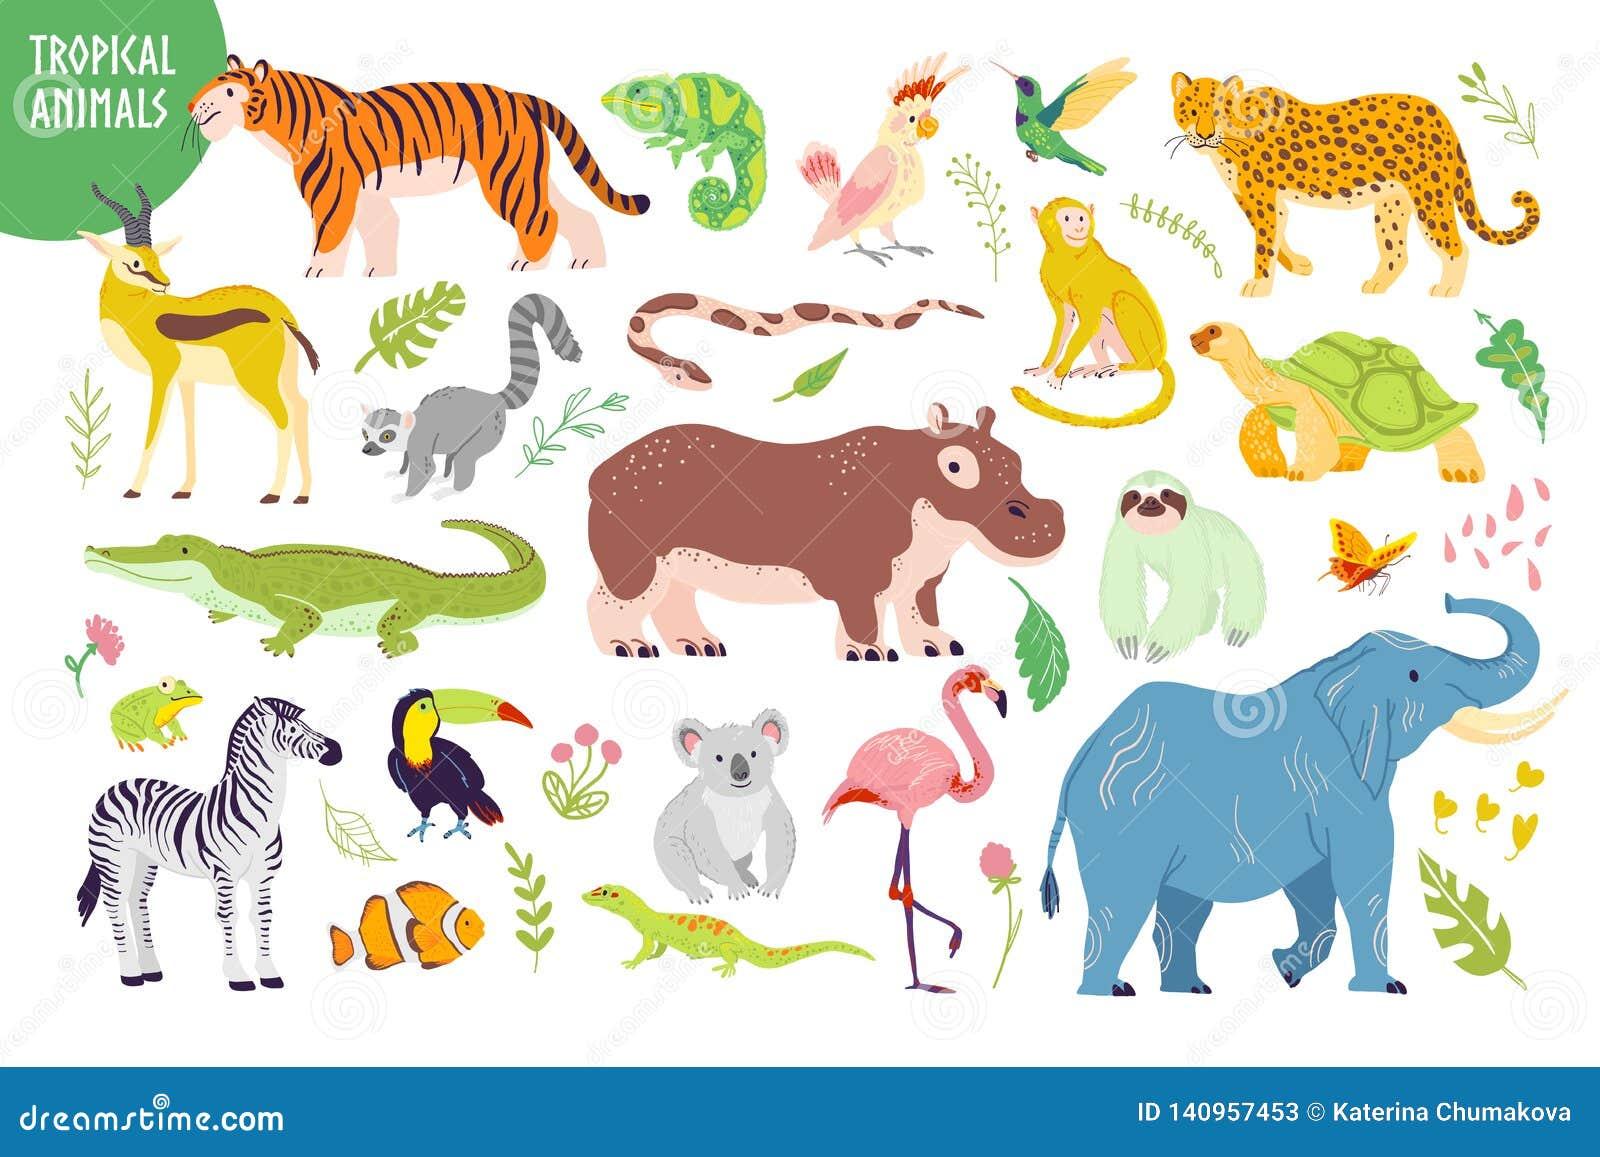 Vektorn ställde in av utdragna tropiska djur för den plana handen, fåglar, reptilar, växter som isolerades på vit bakgrund: tiger